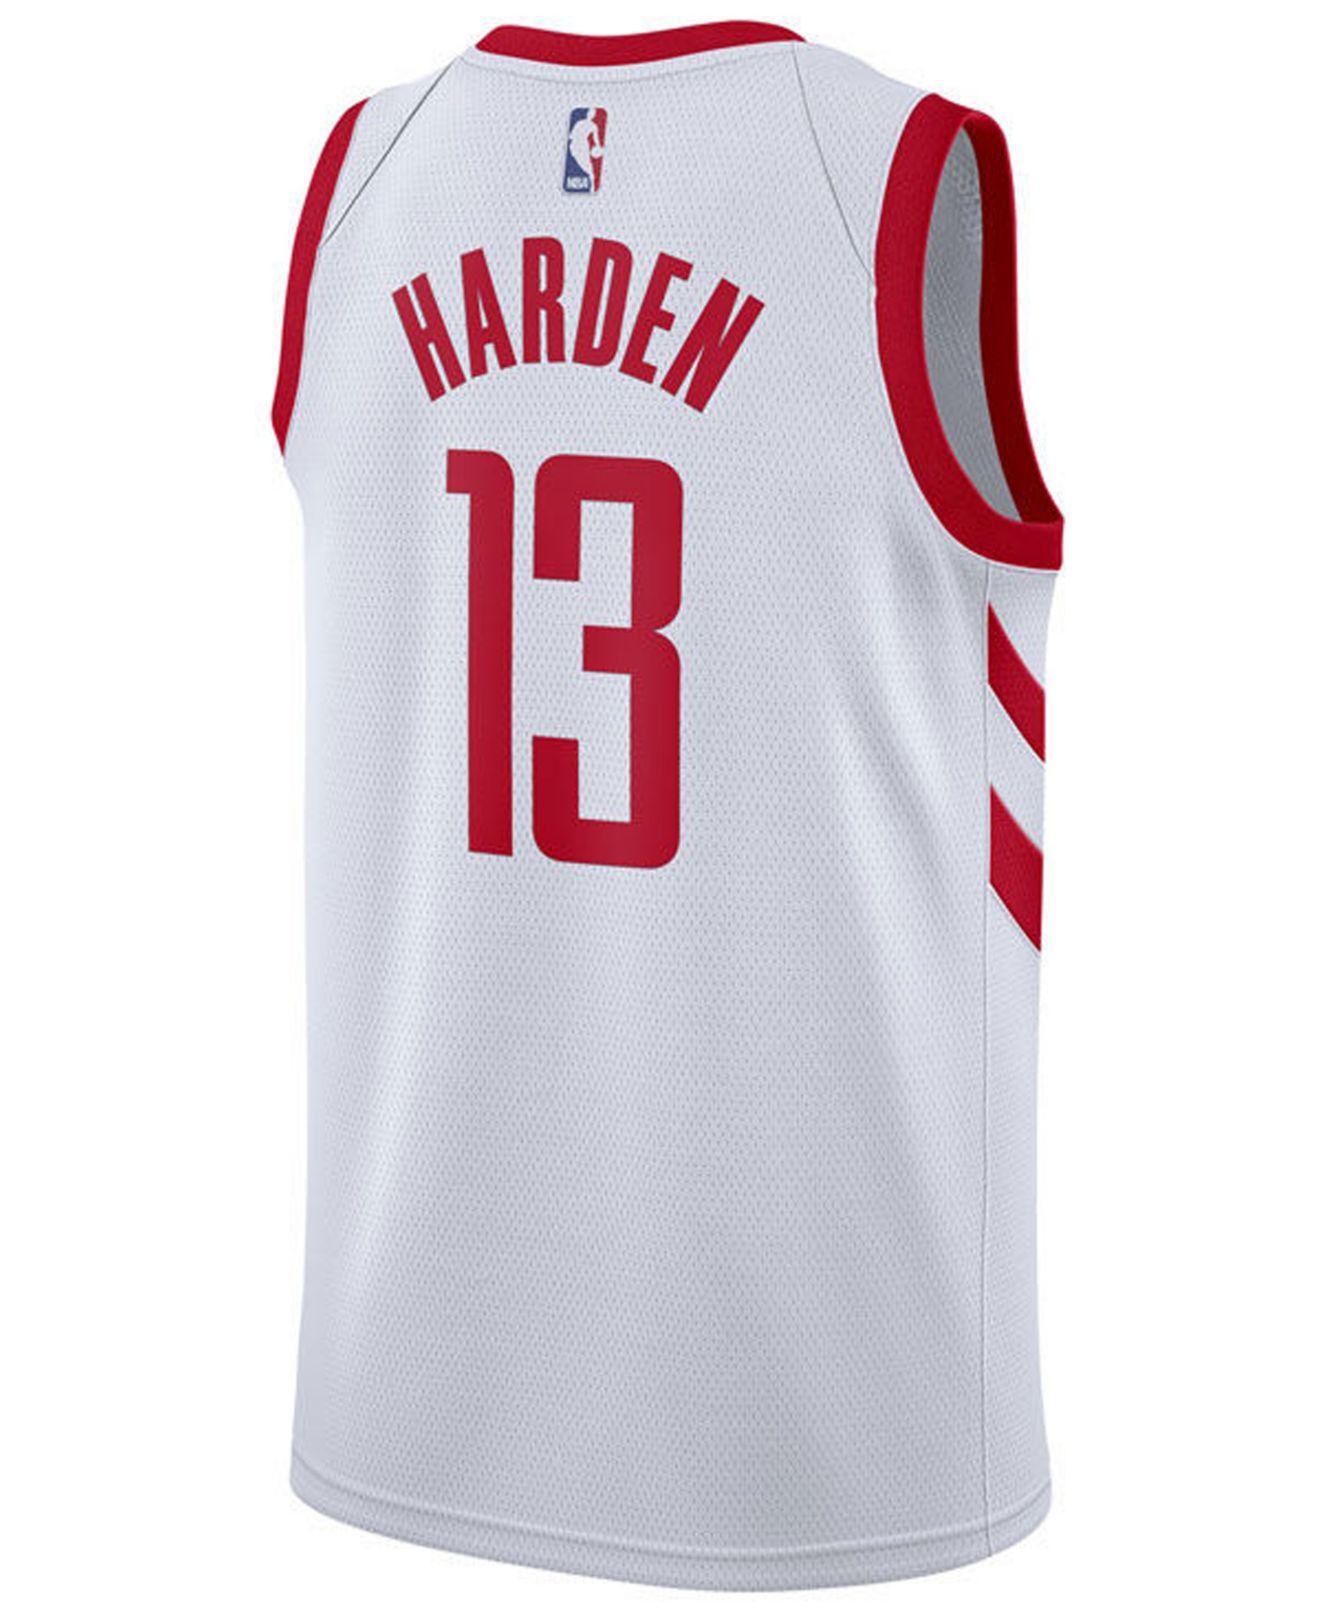 James Harden Houston Rockets Association Swingman Jersey